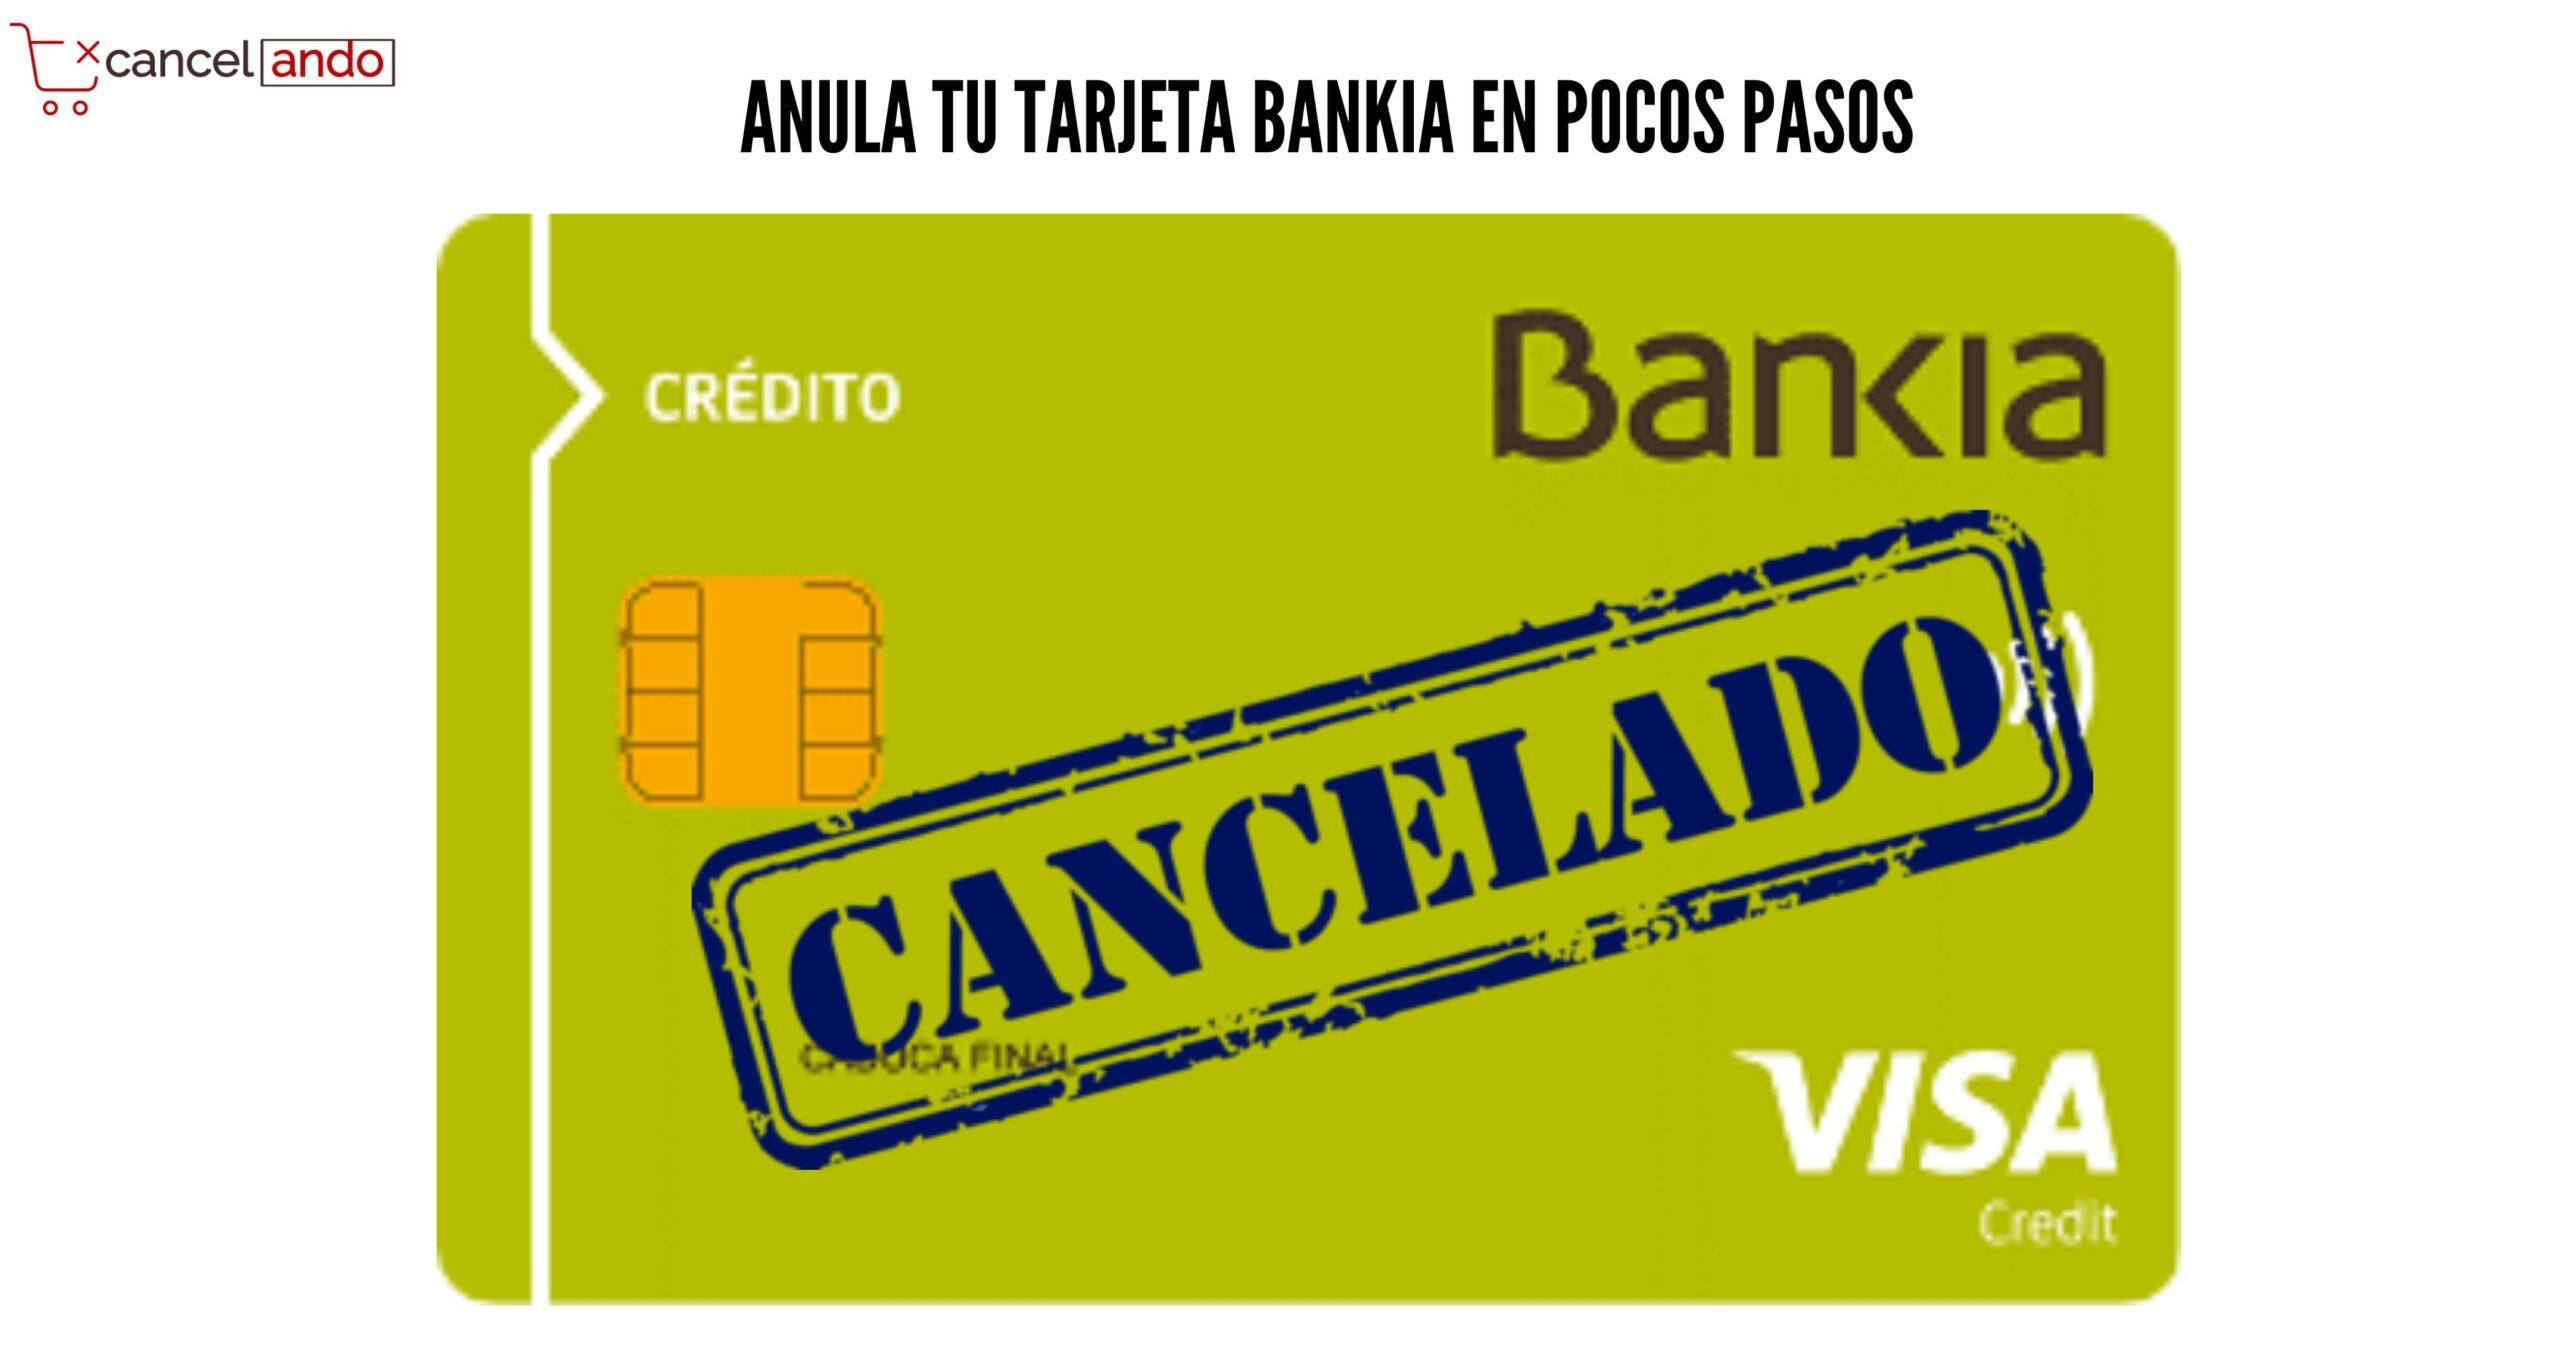 anular tarjeta bankia